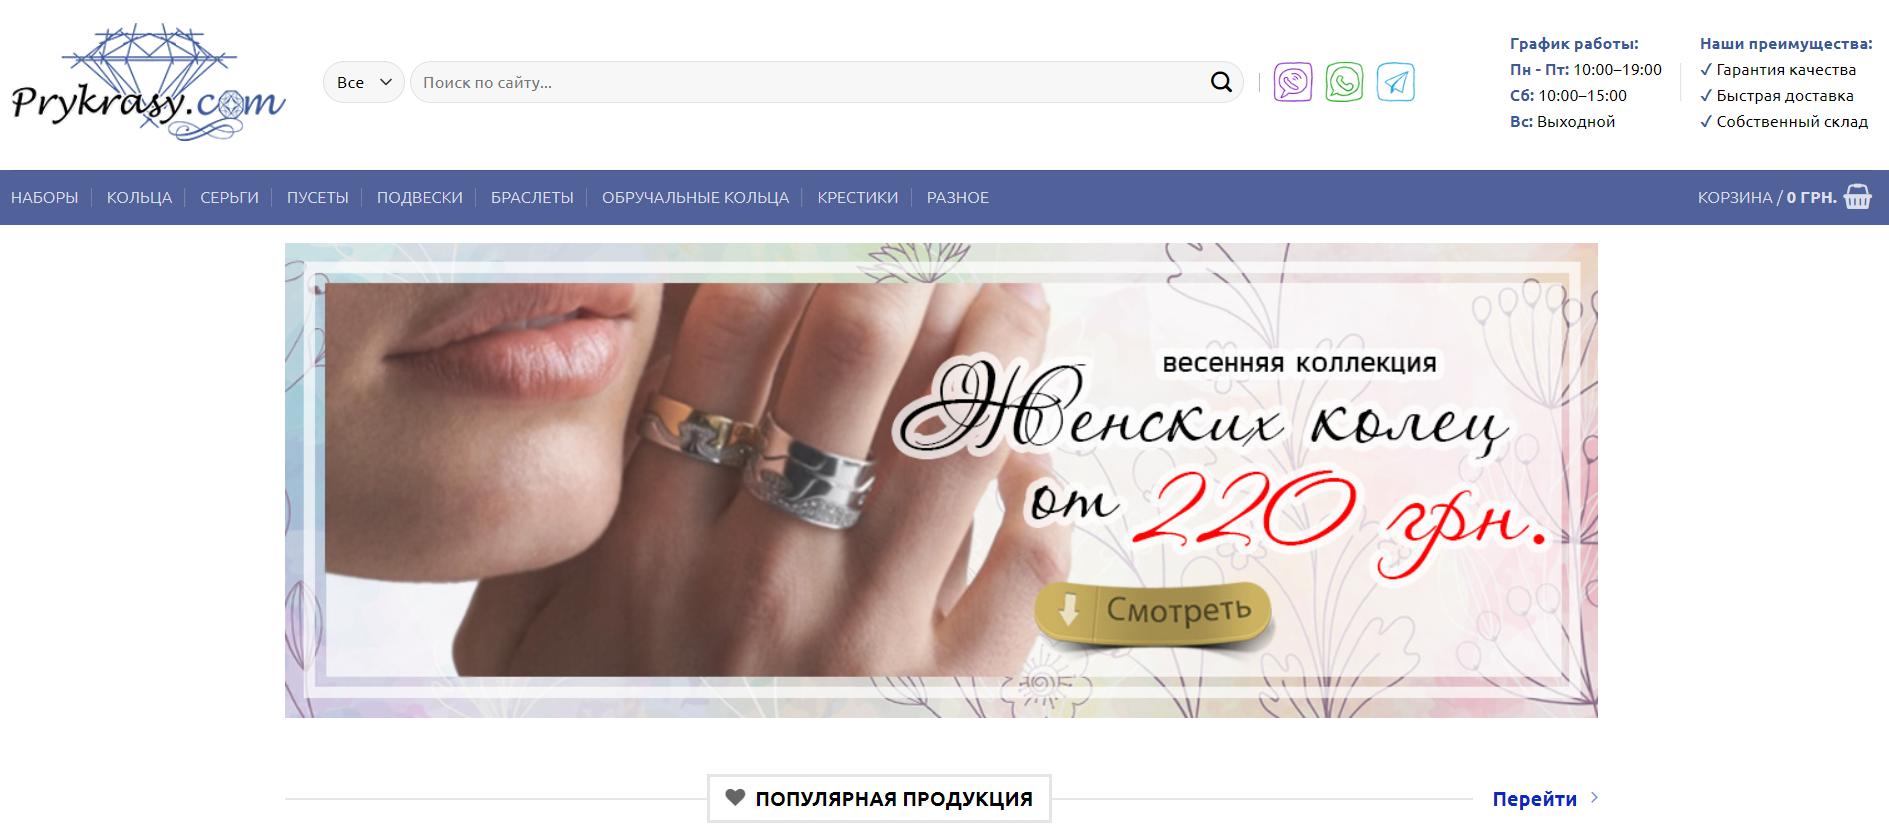 Интернет-магазин Prykrasy.com